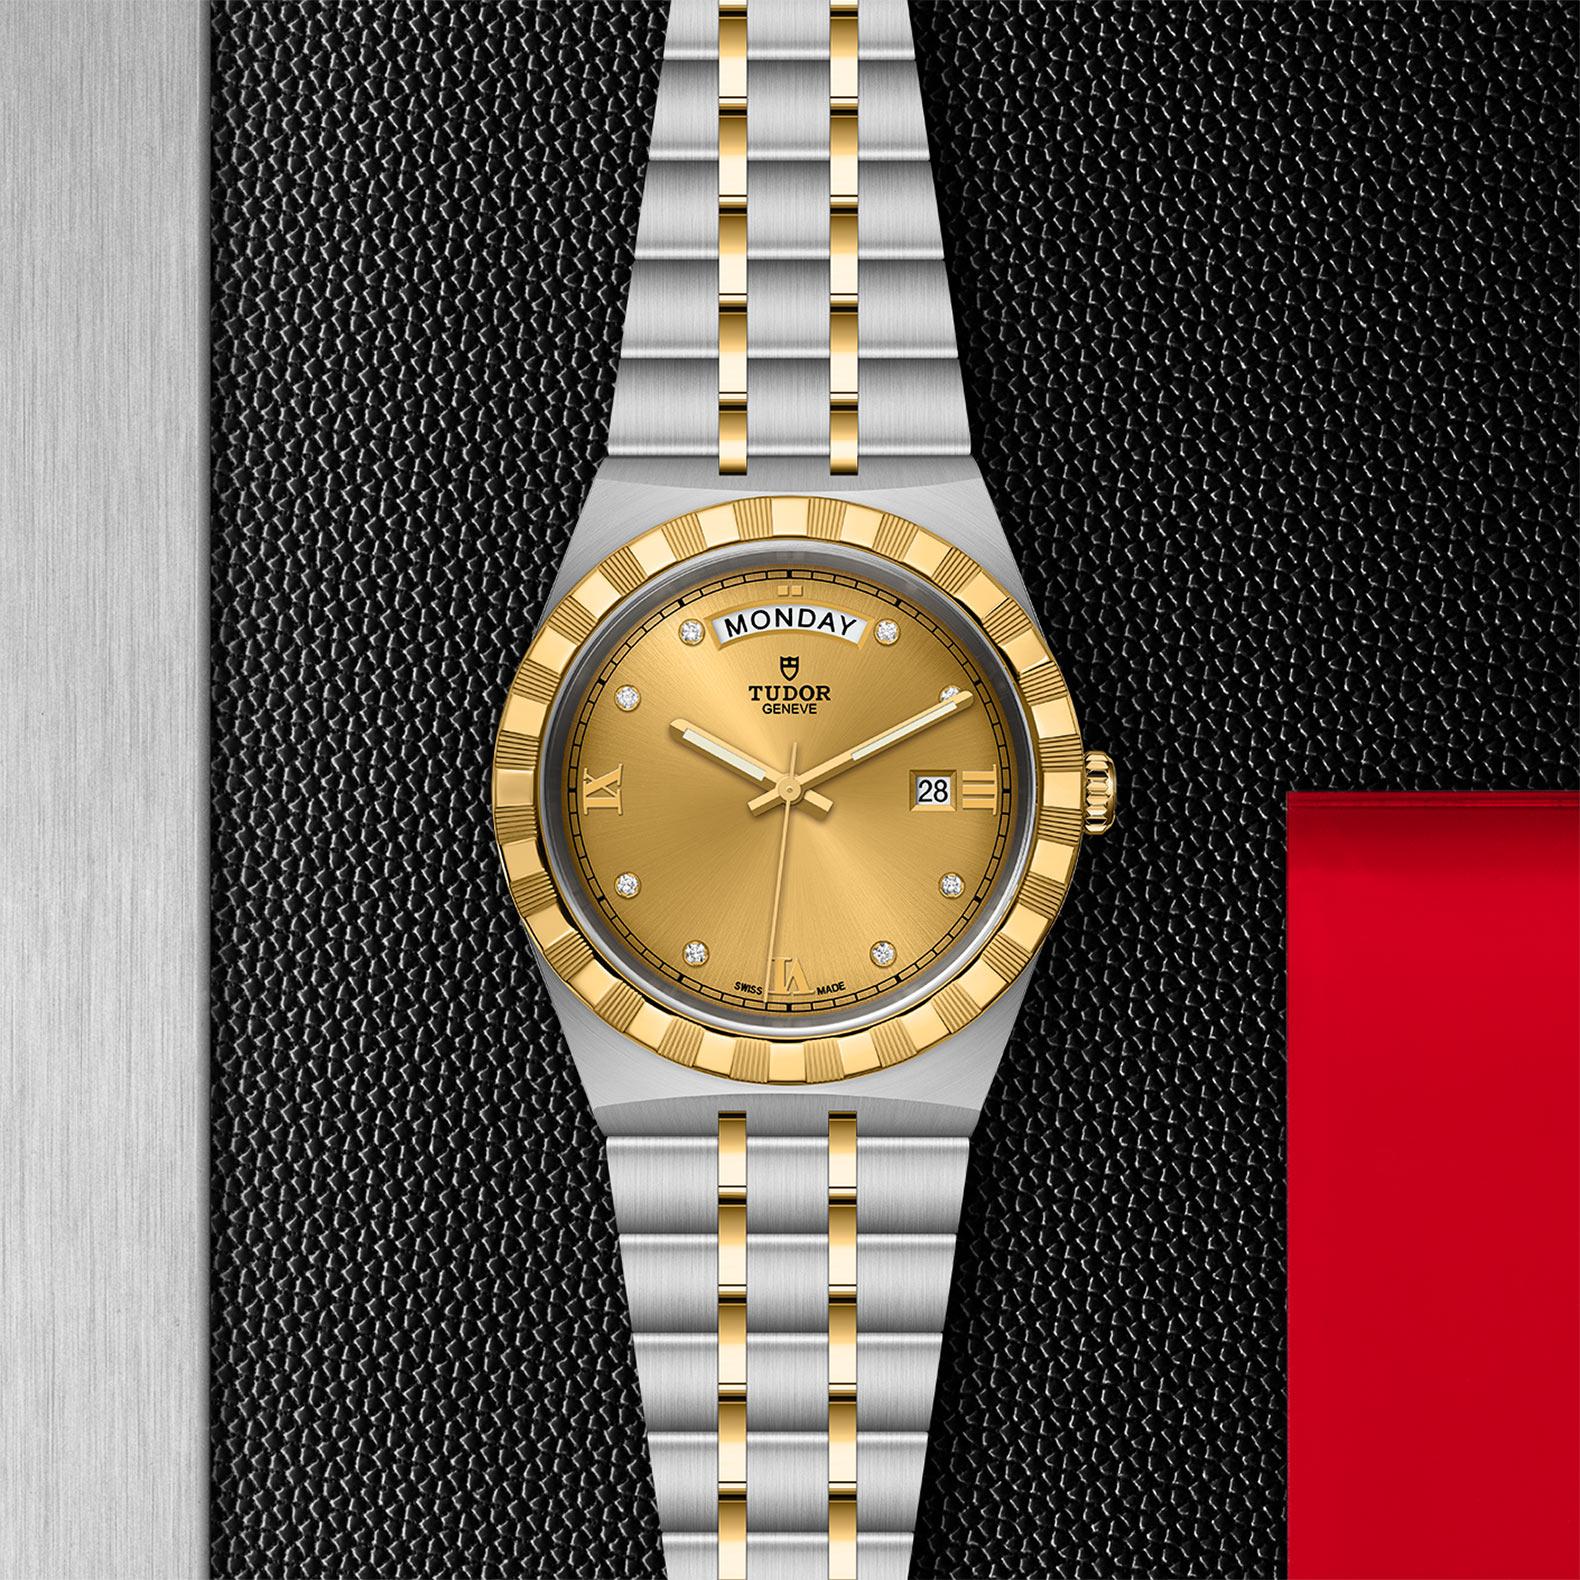 TUDOR Royal - M28603-0006